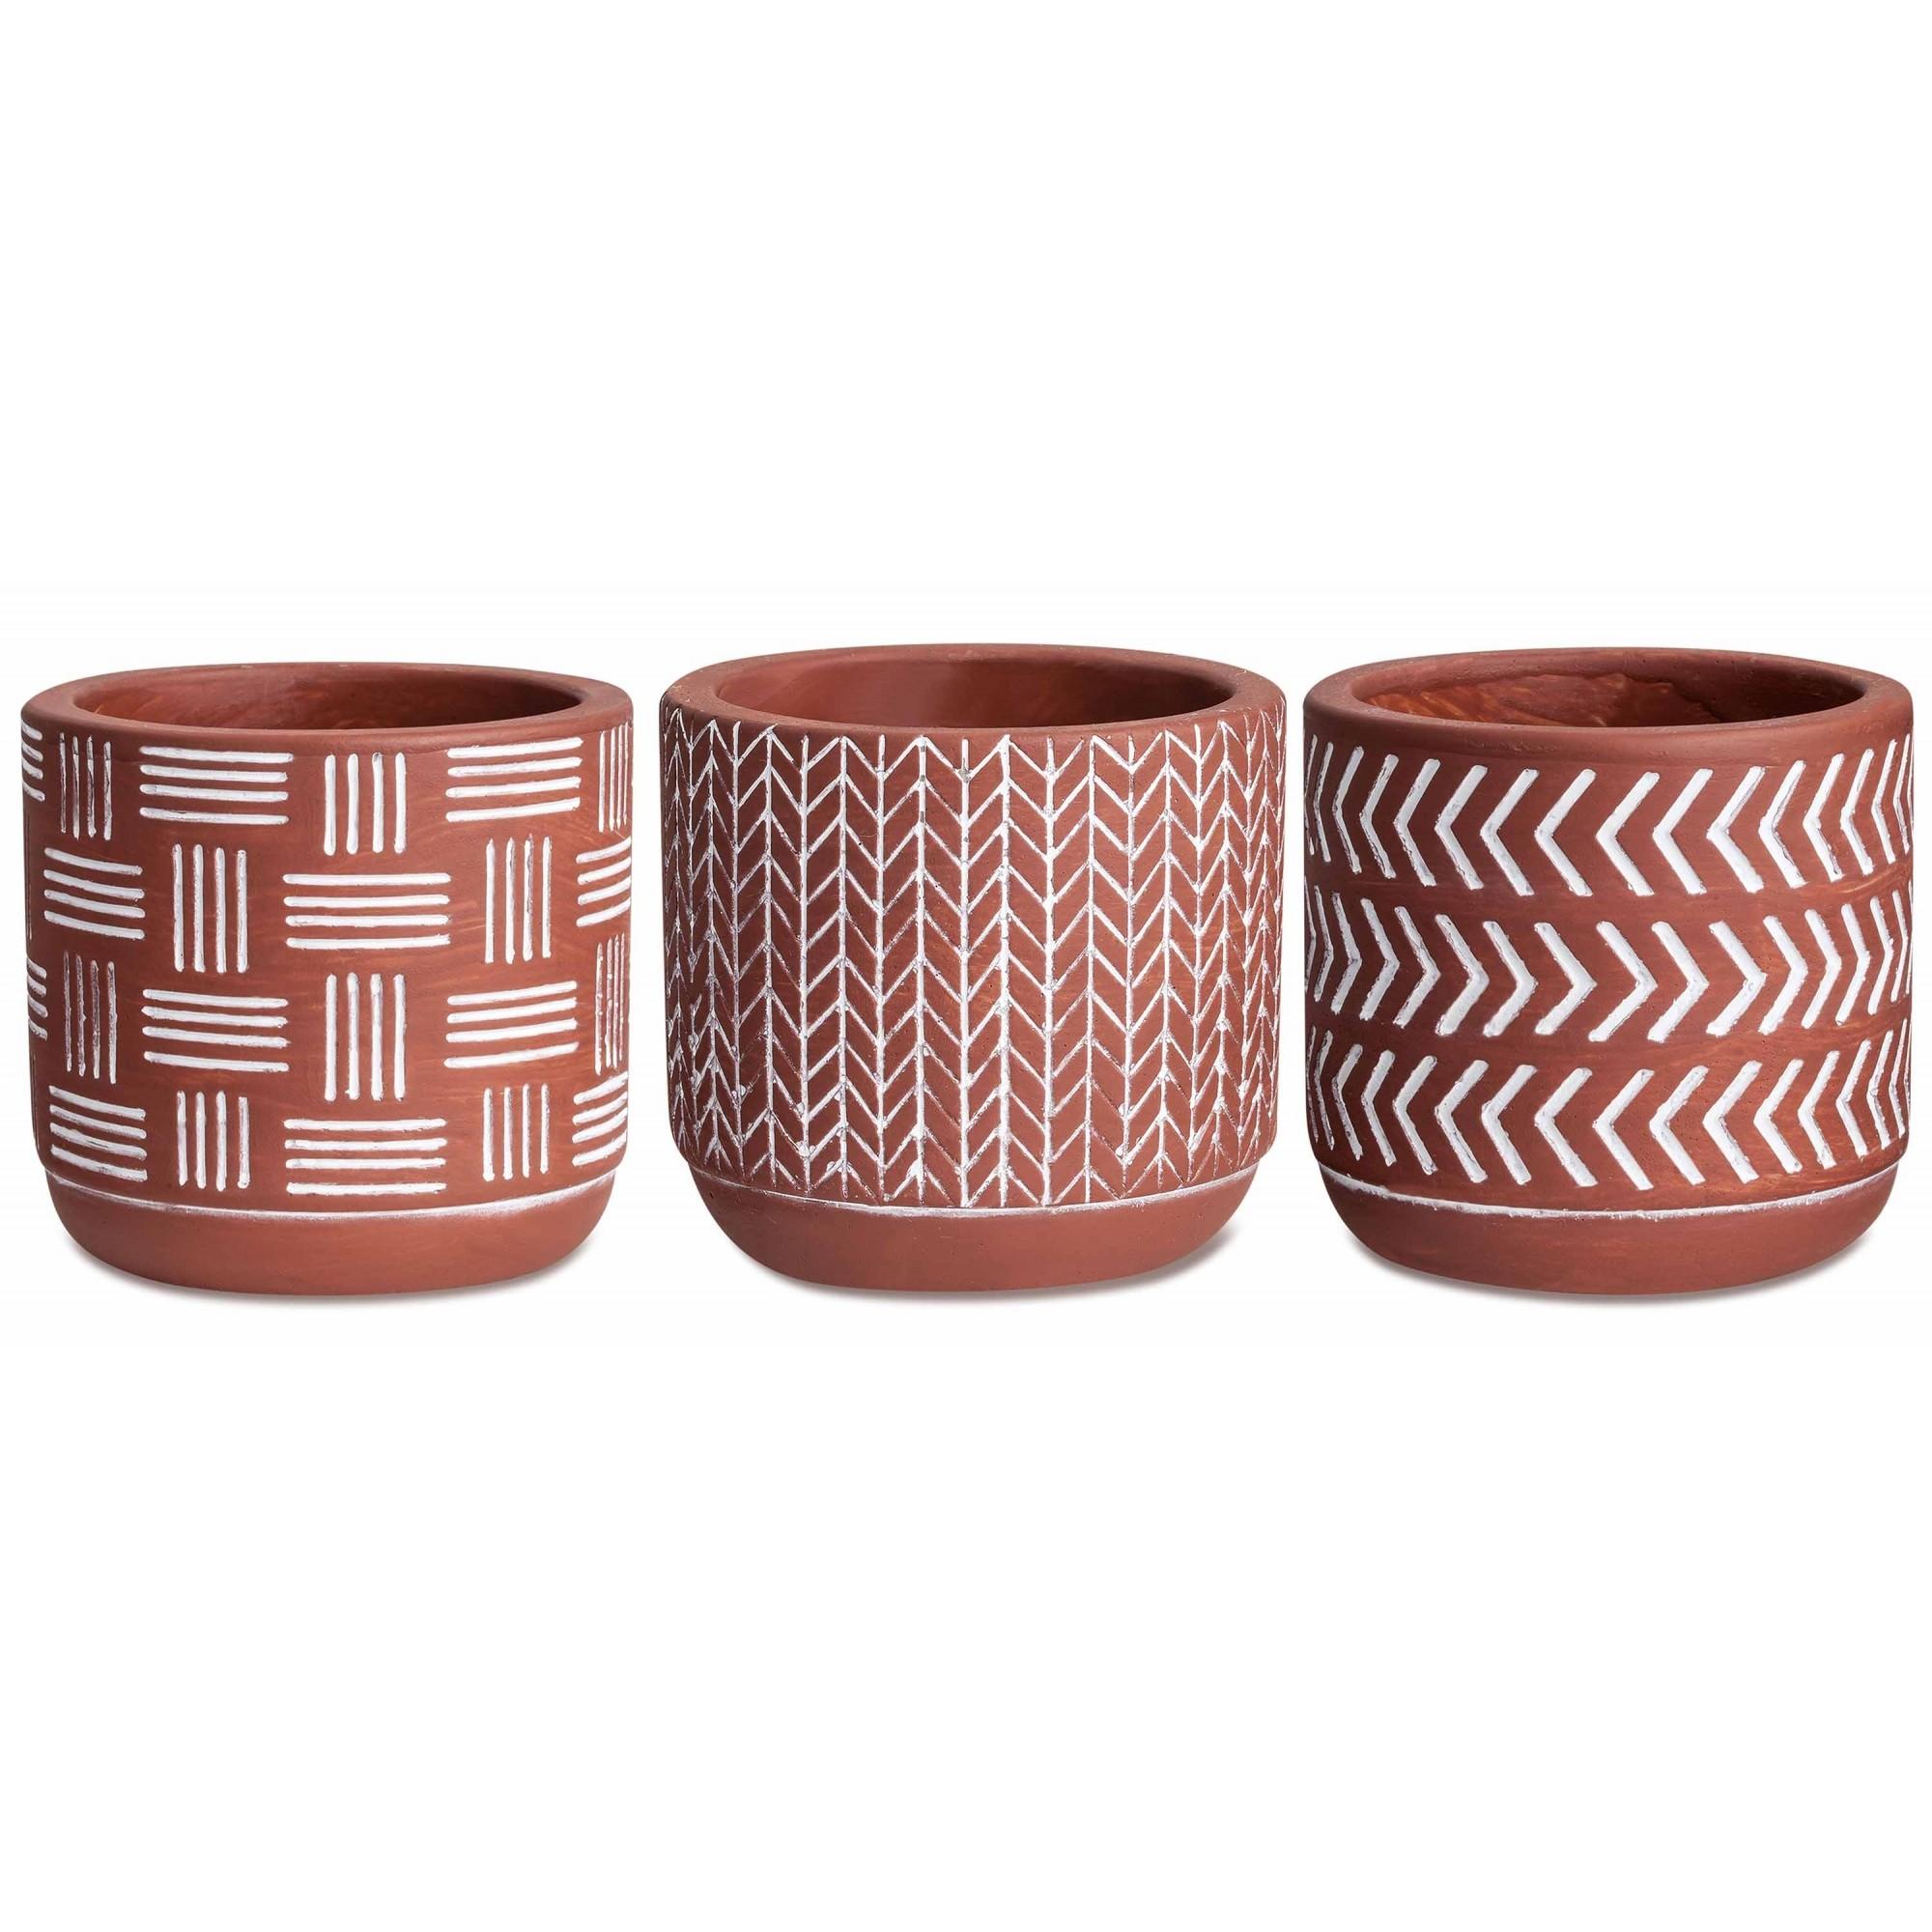 Kit c/3 Vasos em Concreto Terracota Tribal